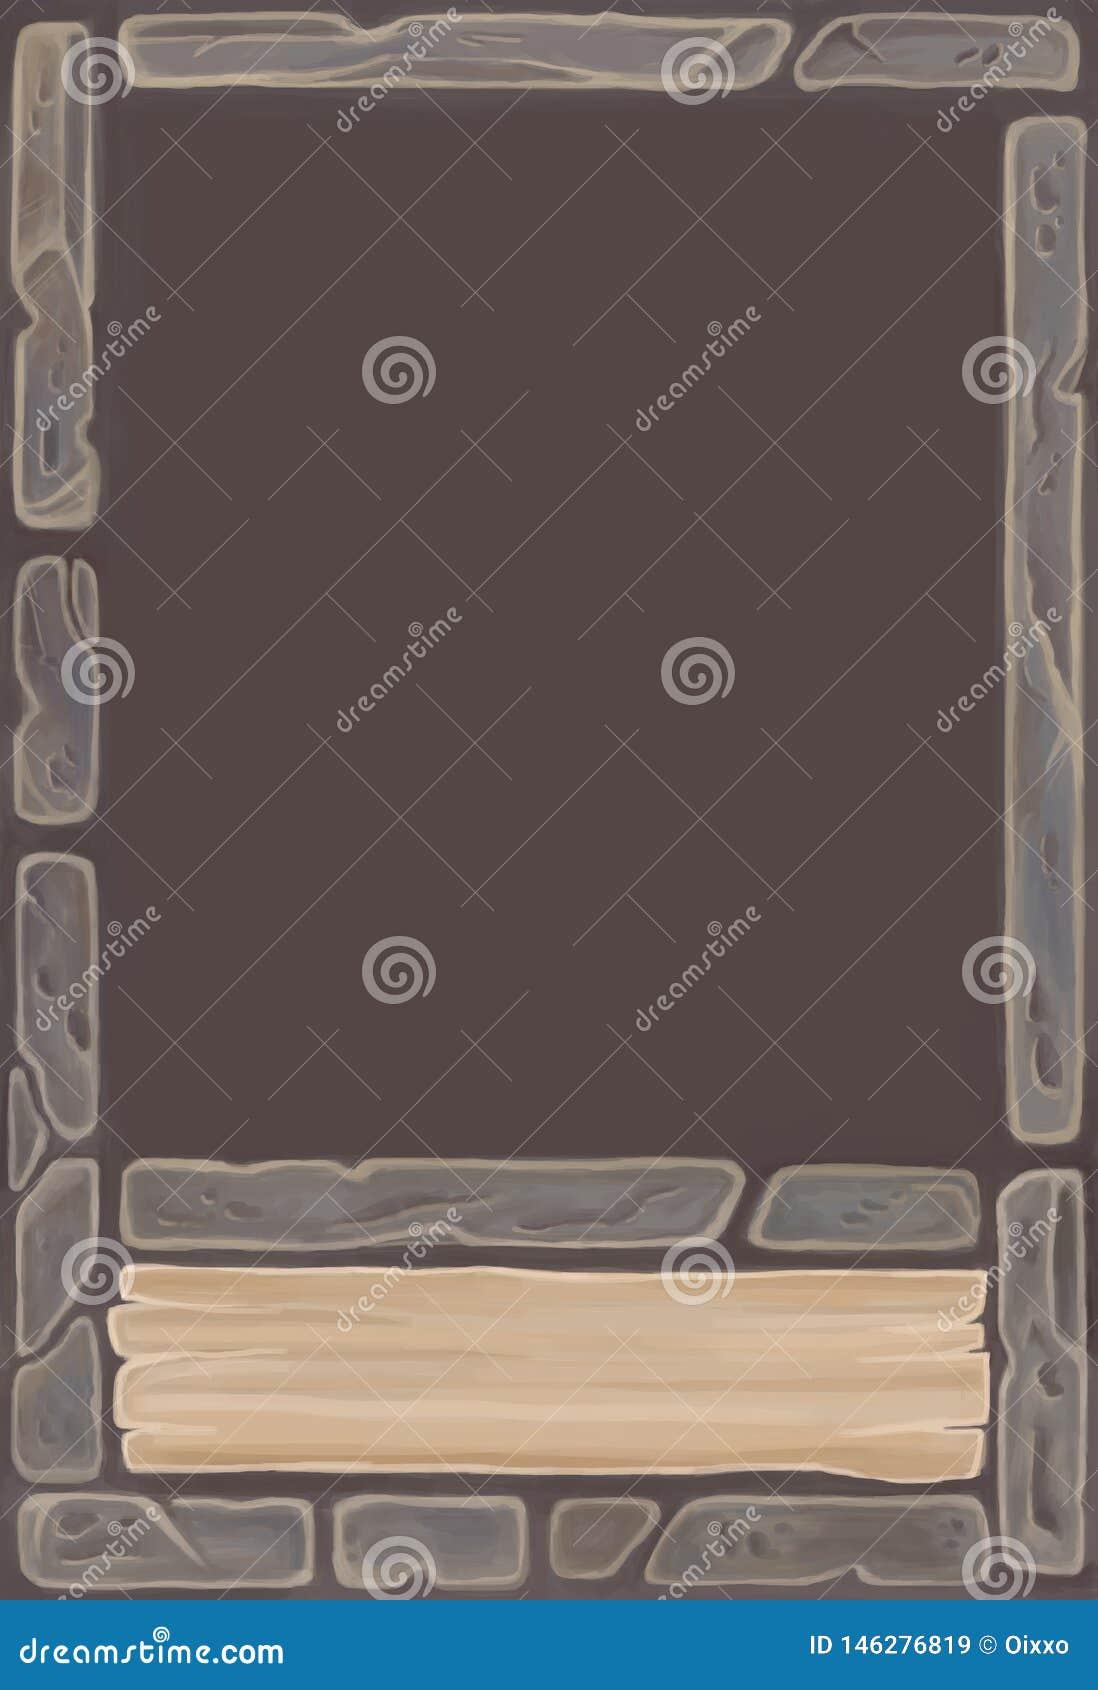 Temlate della carta da gioco di fantasia per il gioco con gli elementi dell interfaccia Ornamento di pietra della carta